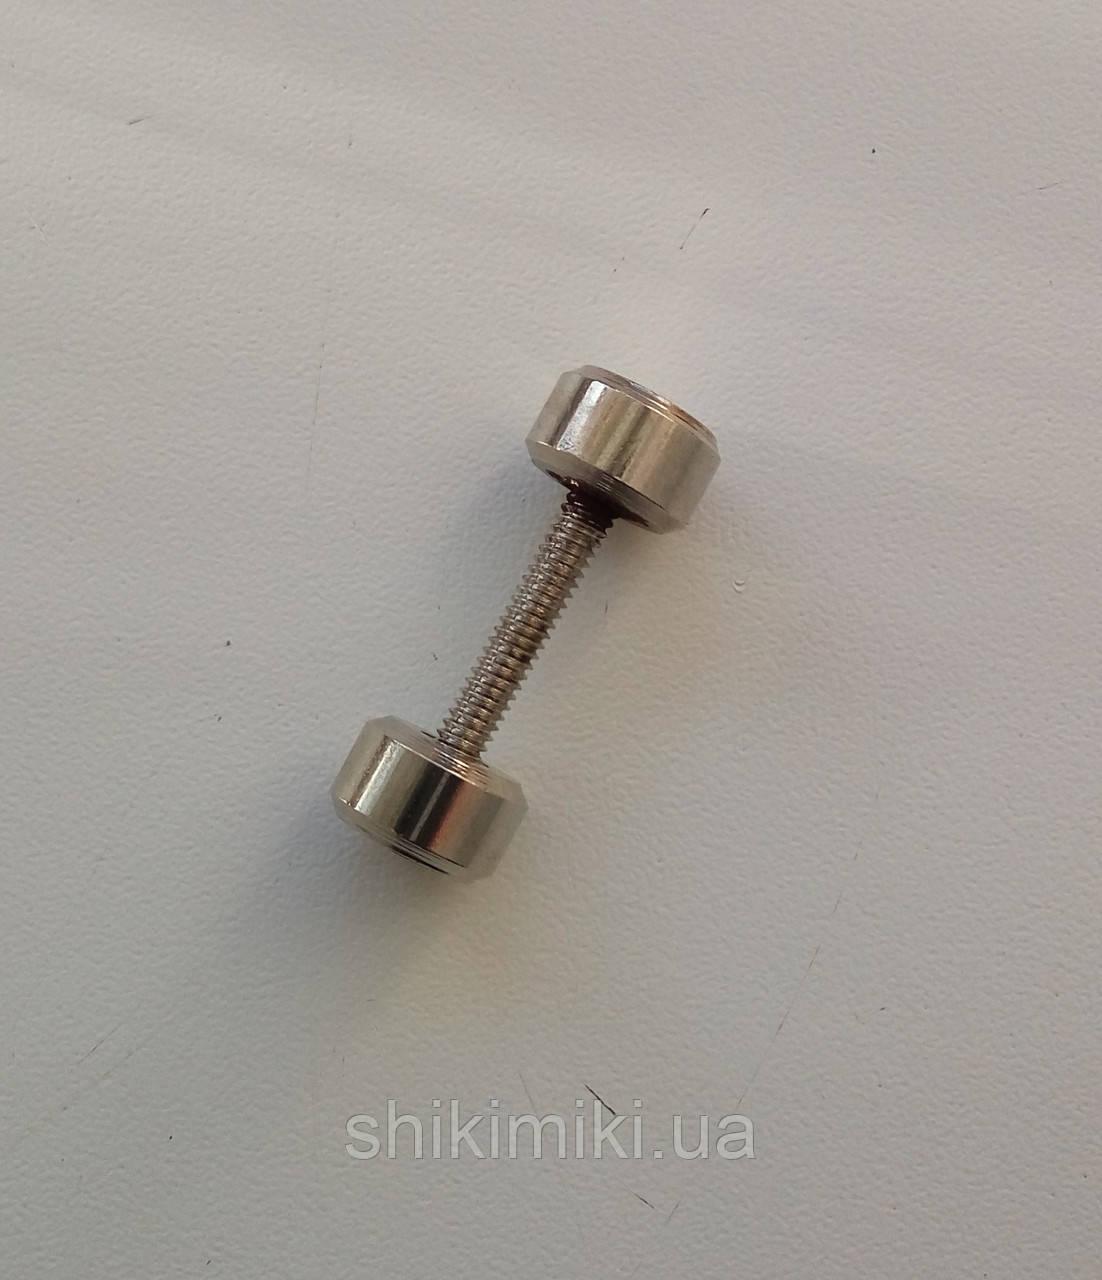 Штанга SH01-1 (15 мм), цвет никель